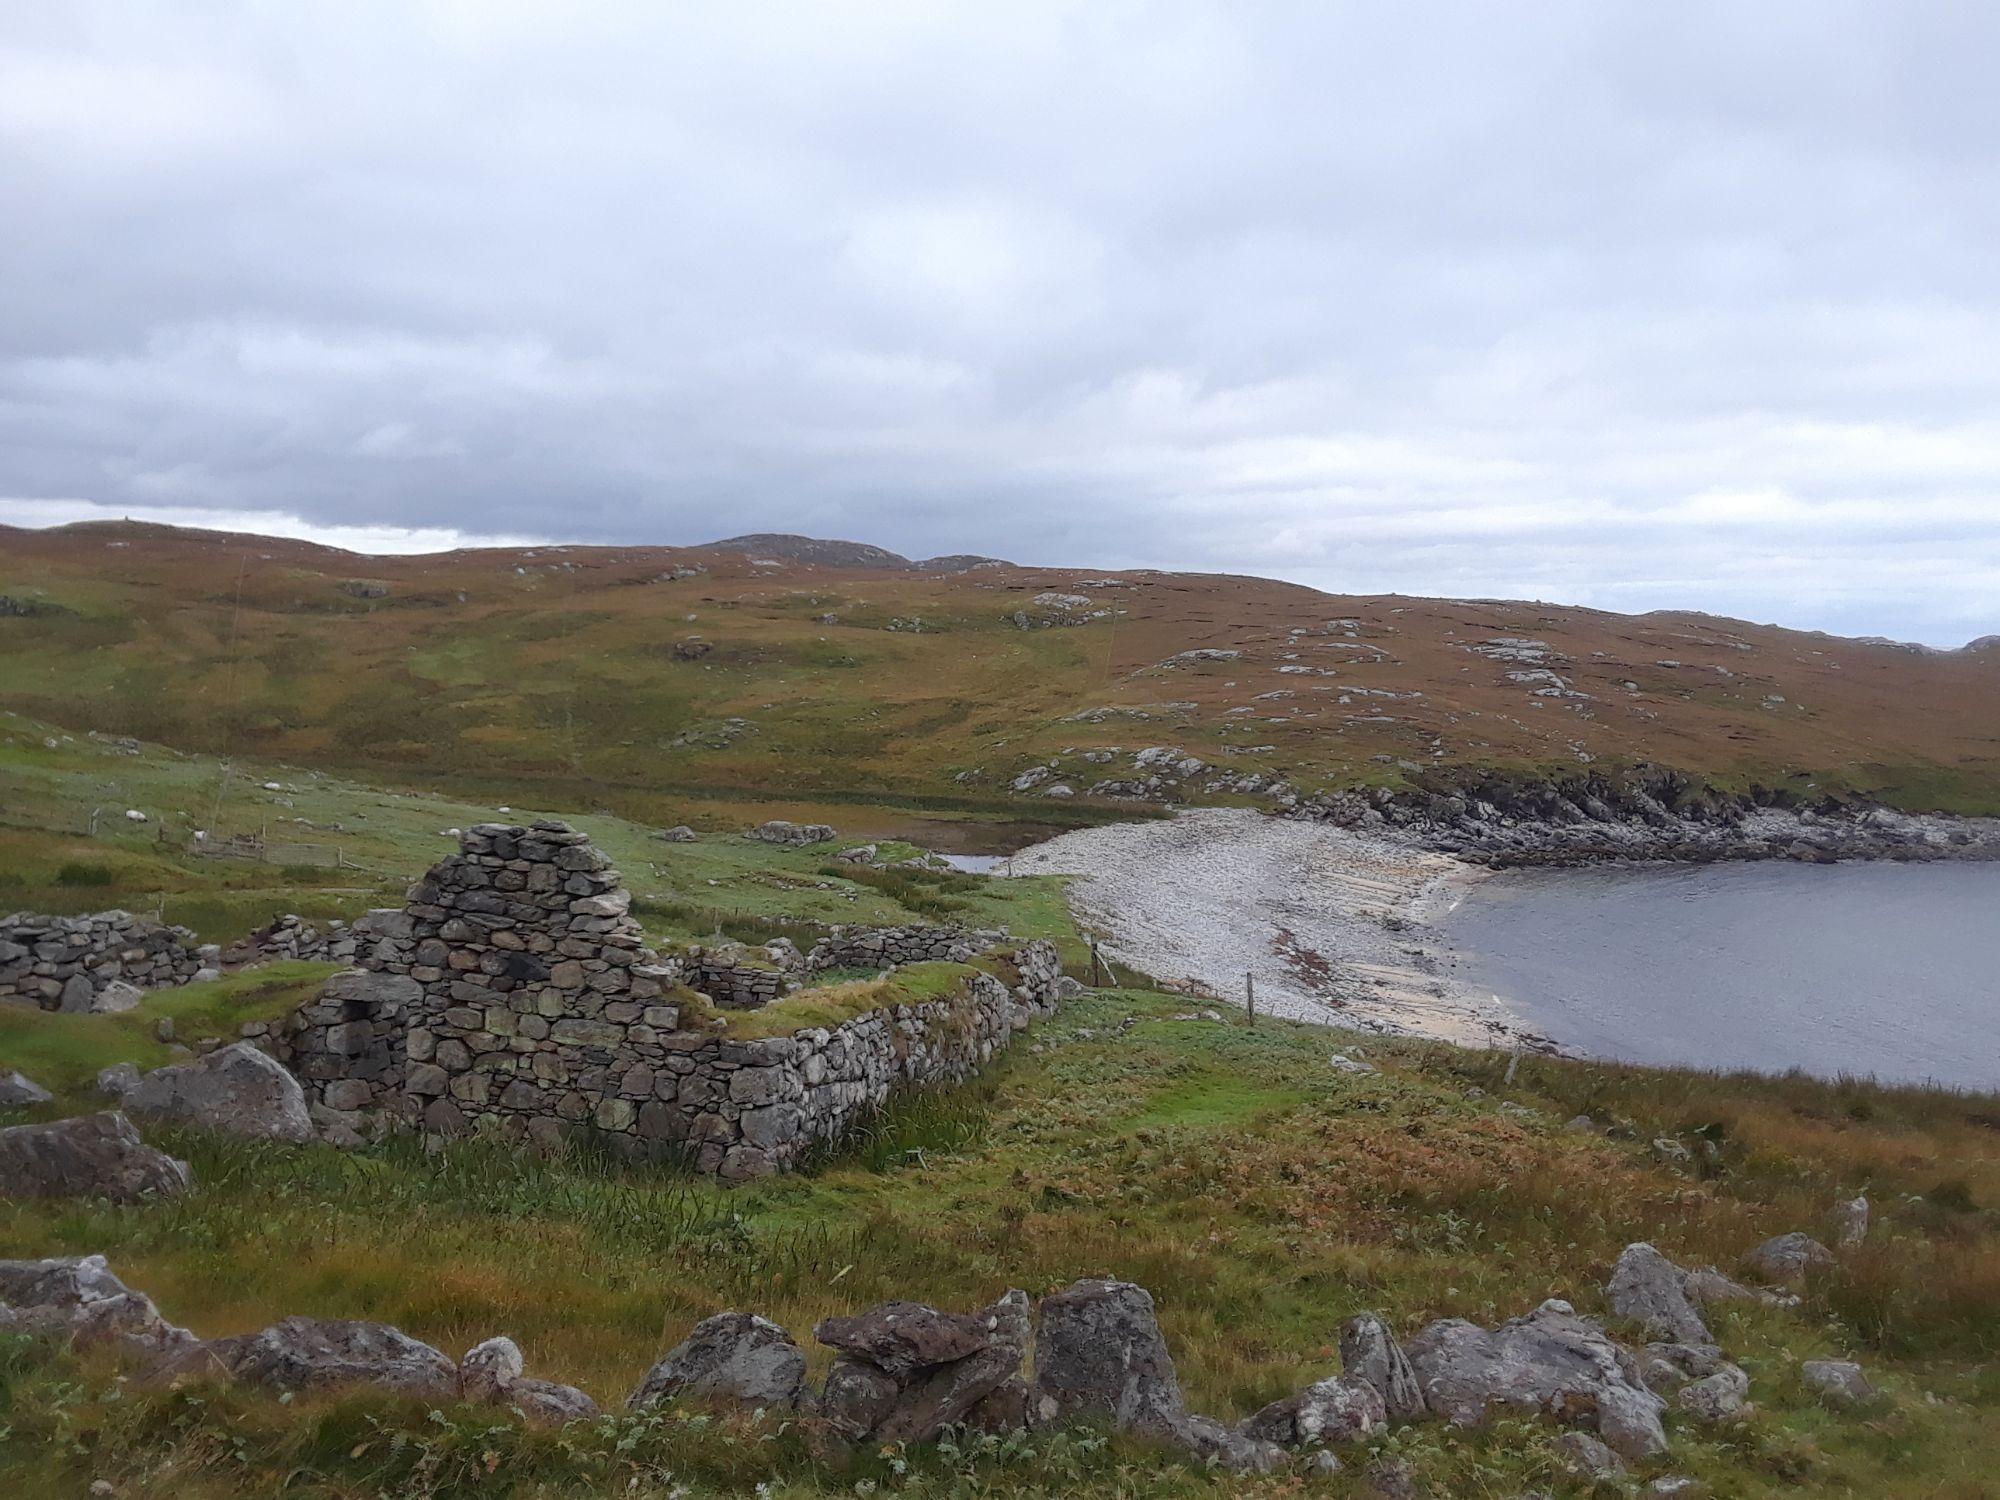 Ruins by the beach